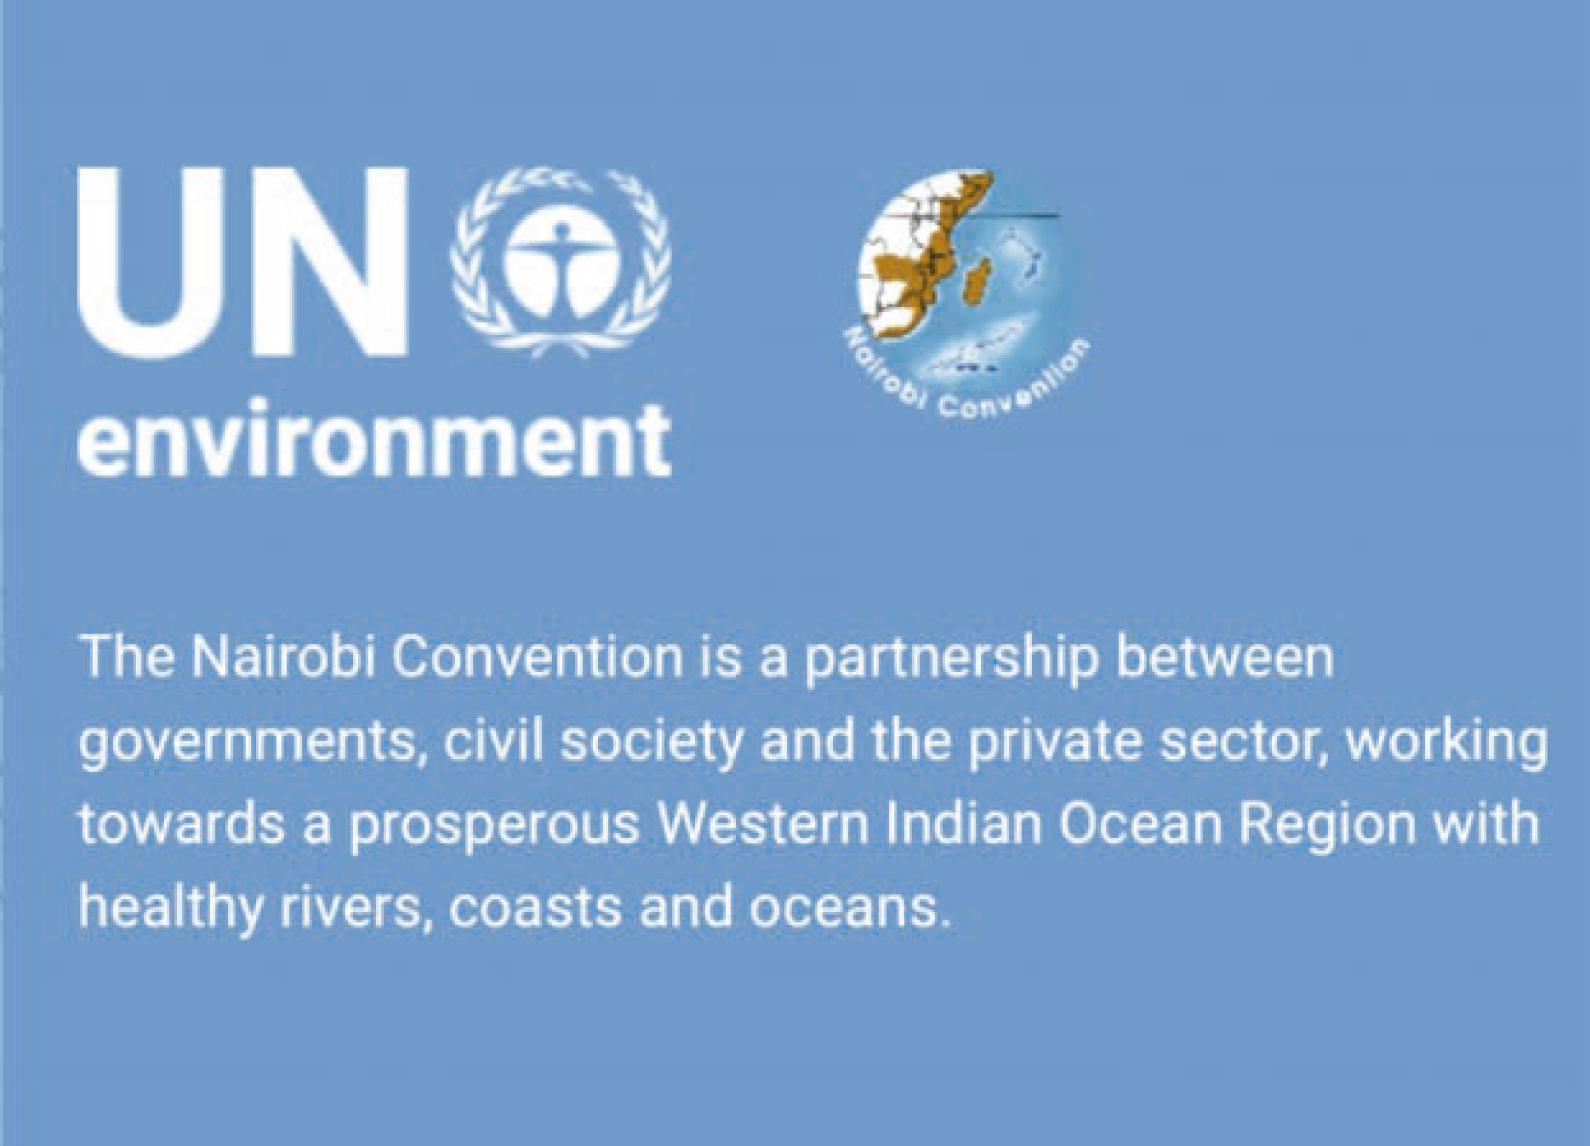 UN environment – Nairobi Convention